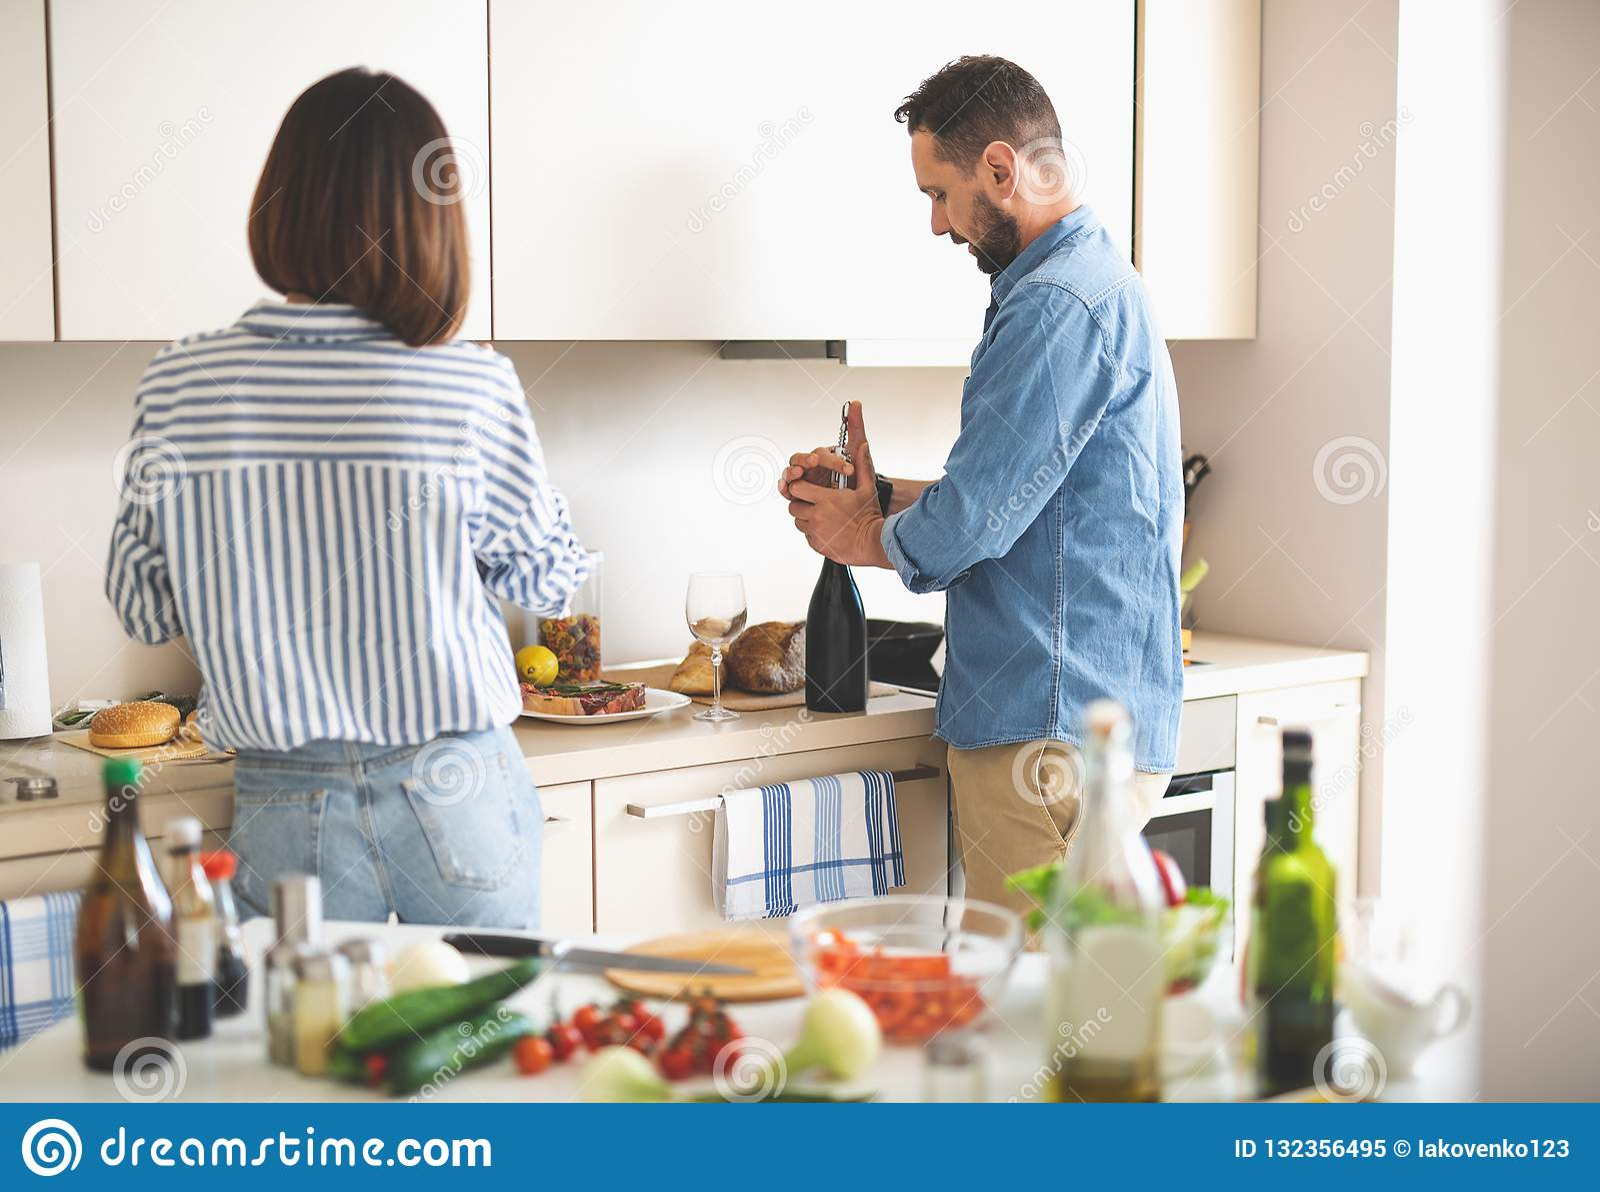 Όμορφο ζεύγος που προετοιμάζεται για το ρομαντικό γεύμα στην κουζίνα